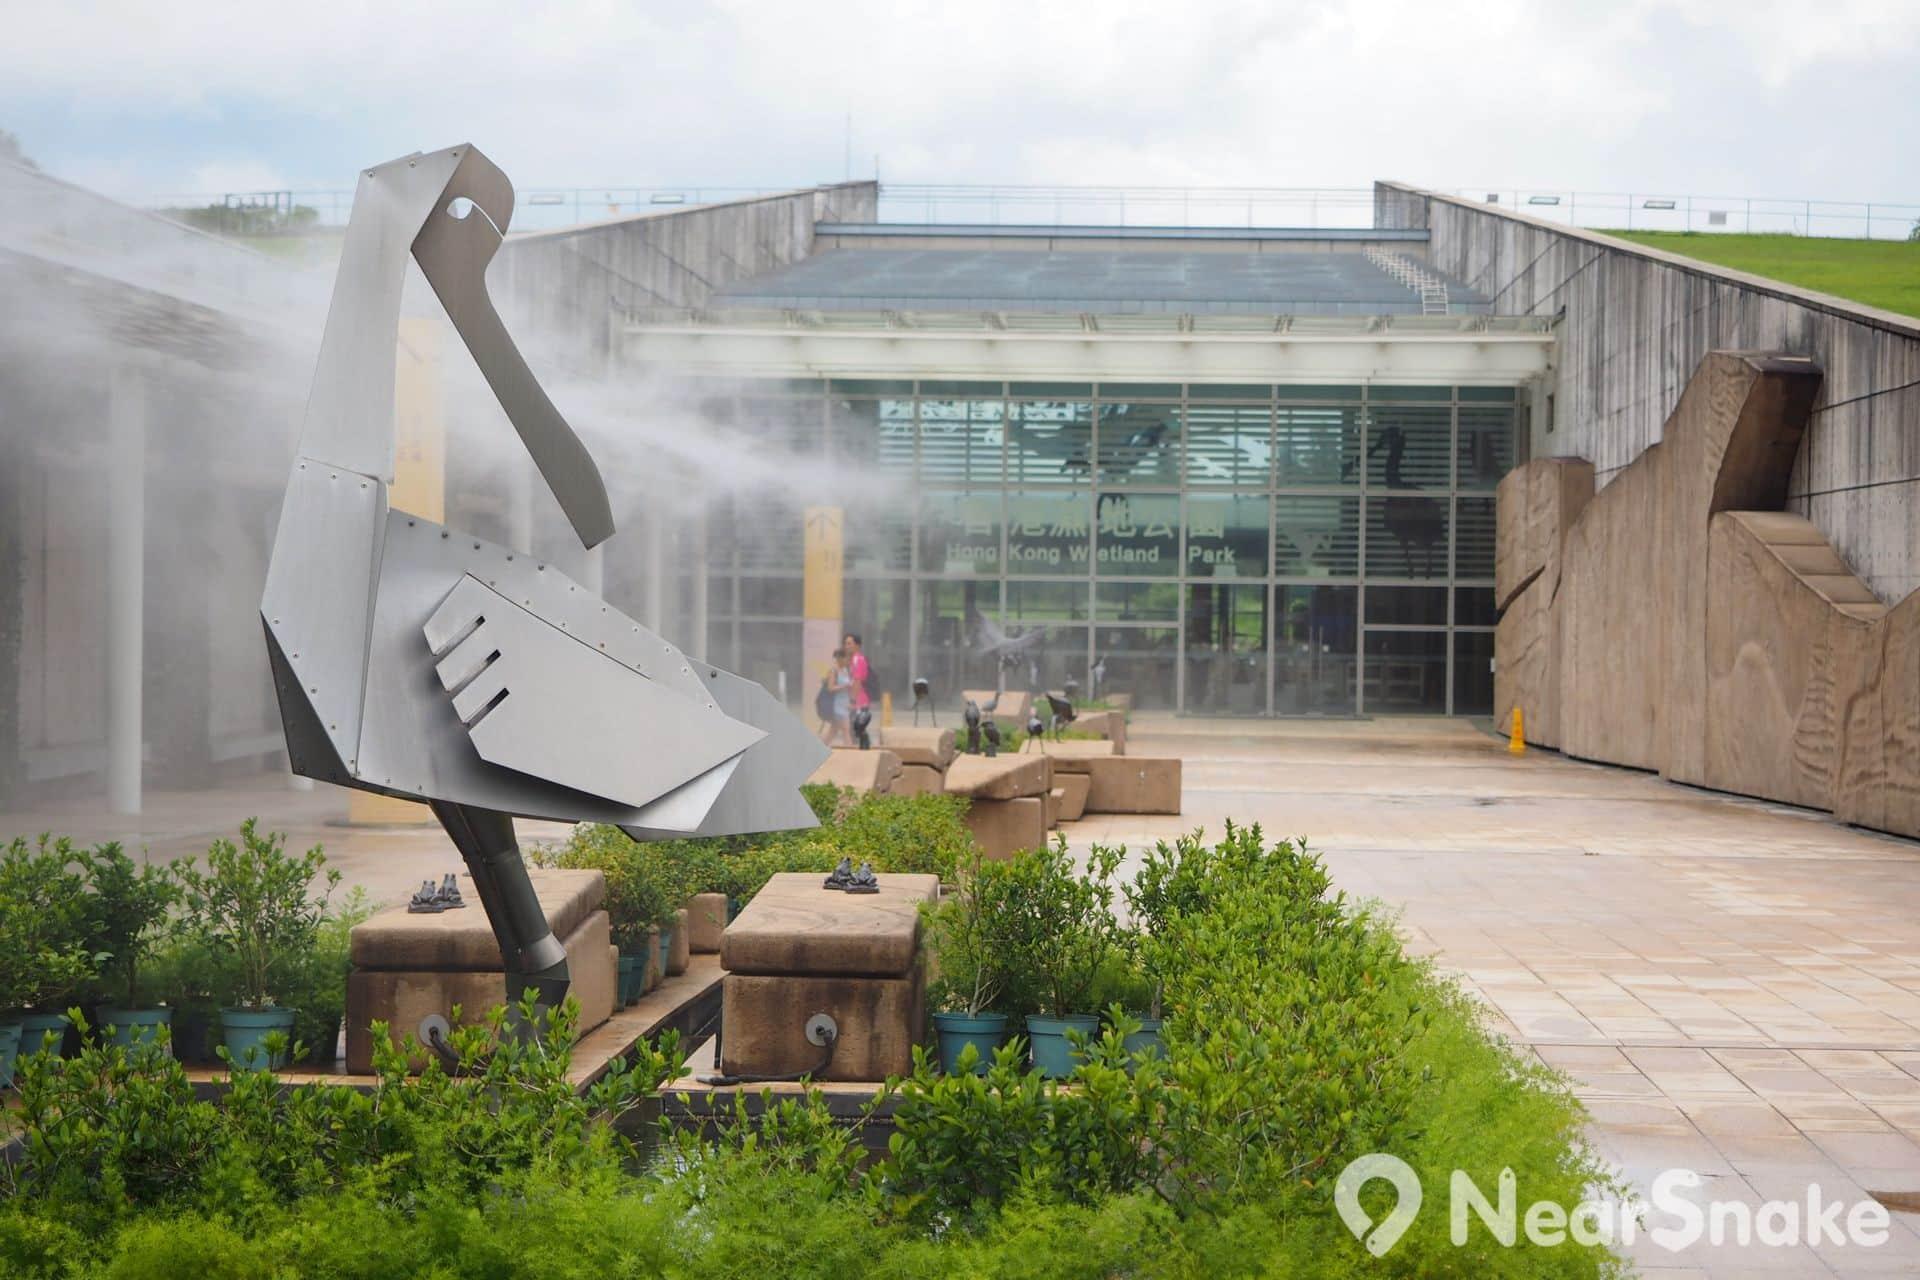 甫抵達濕地公園的入口廣場,便可看到巨型的金屬黑臉琵鷺在恭迎閣下,入口處則採用玻璃幕牆設計。